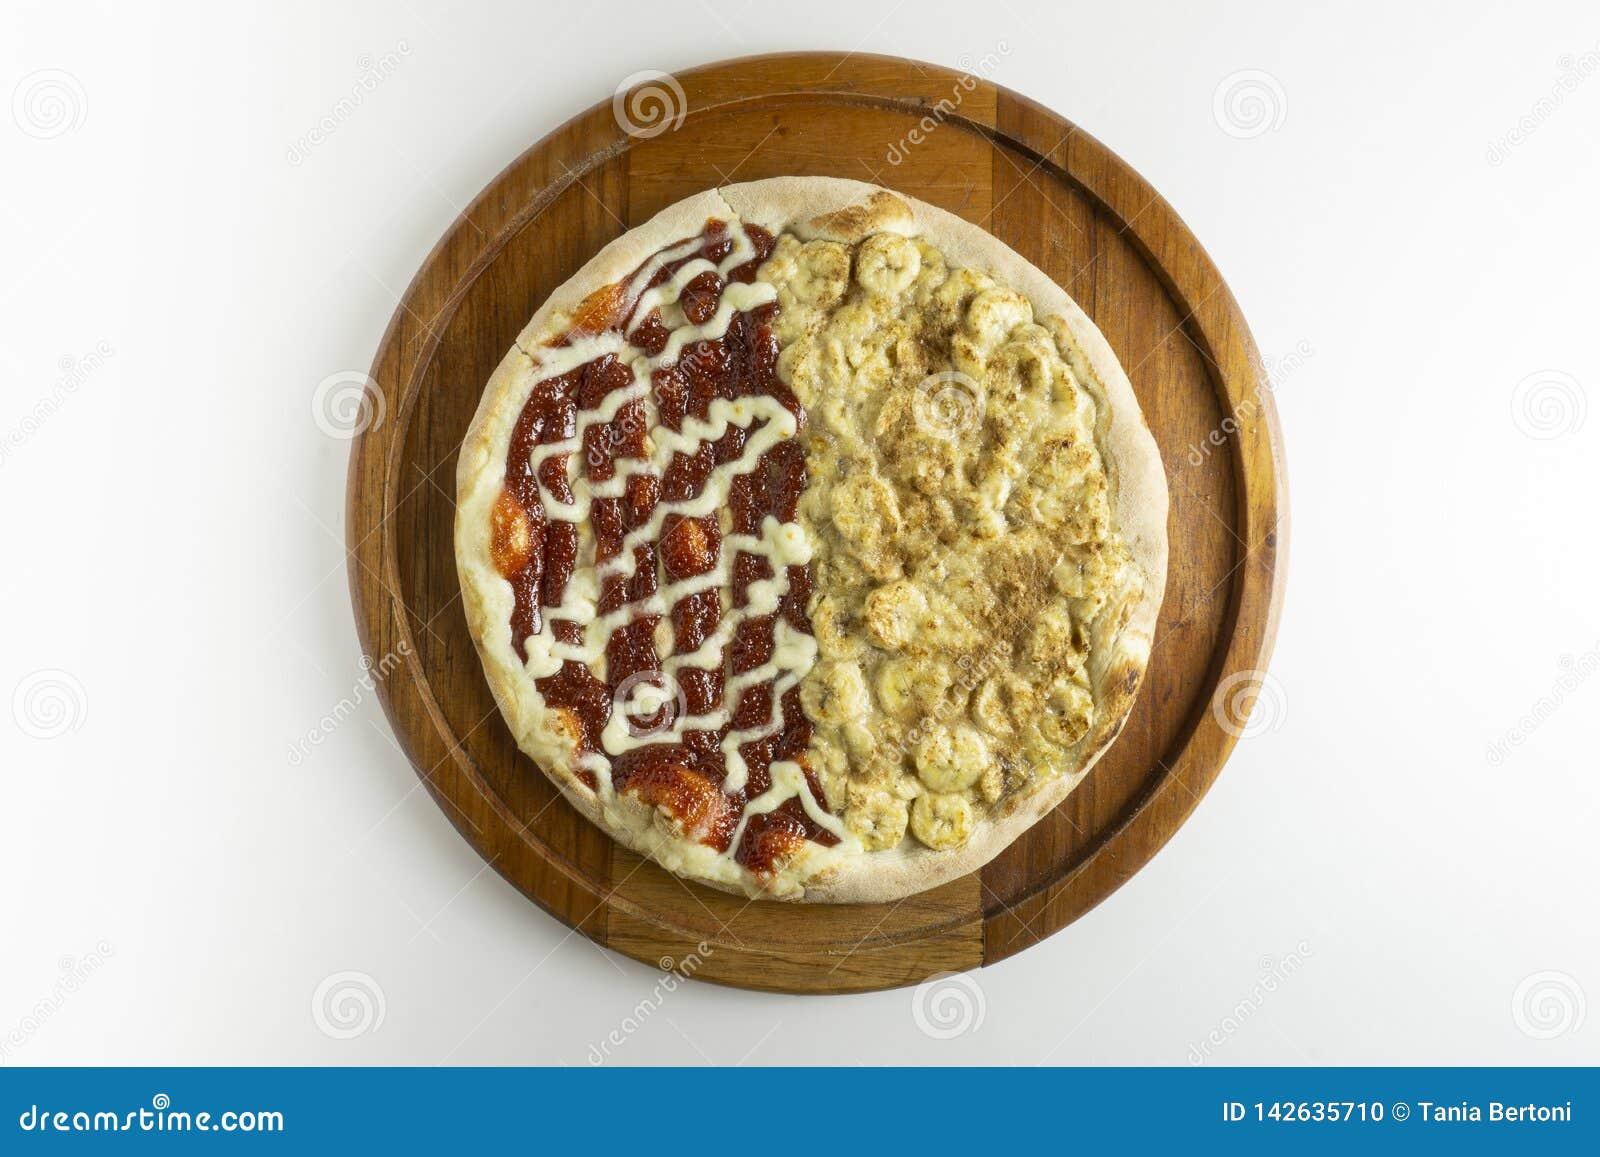 Söt banan- och guavapizza på vit bakgrund